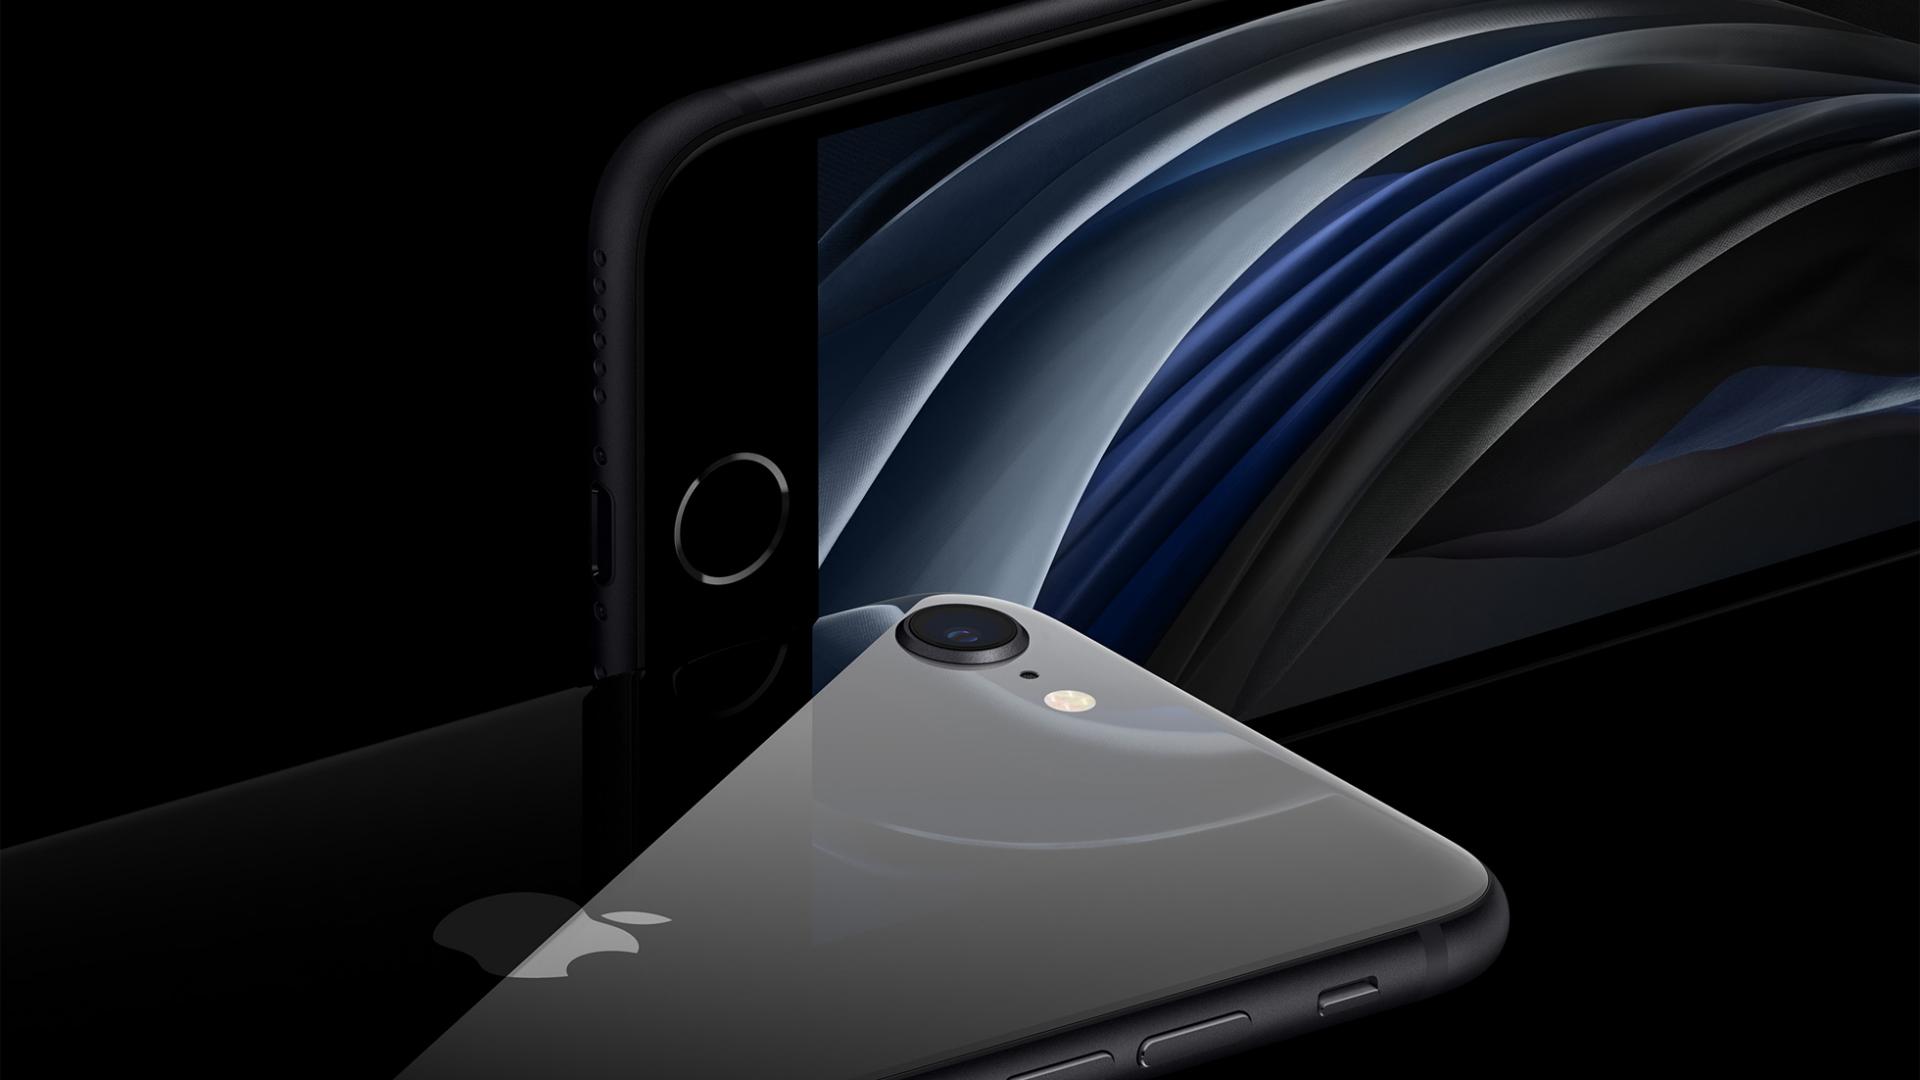 新しいiPhone SE (第2世代) 発表された